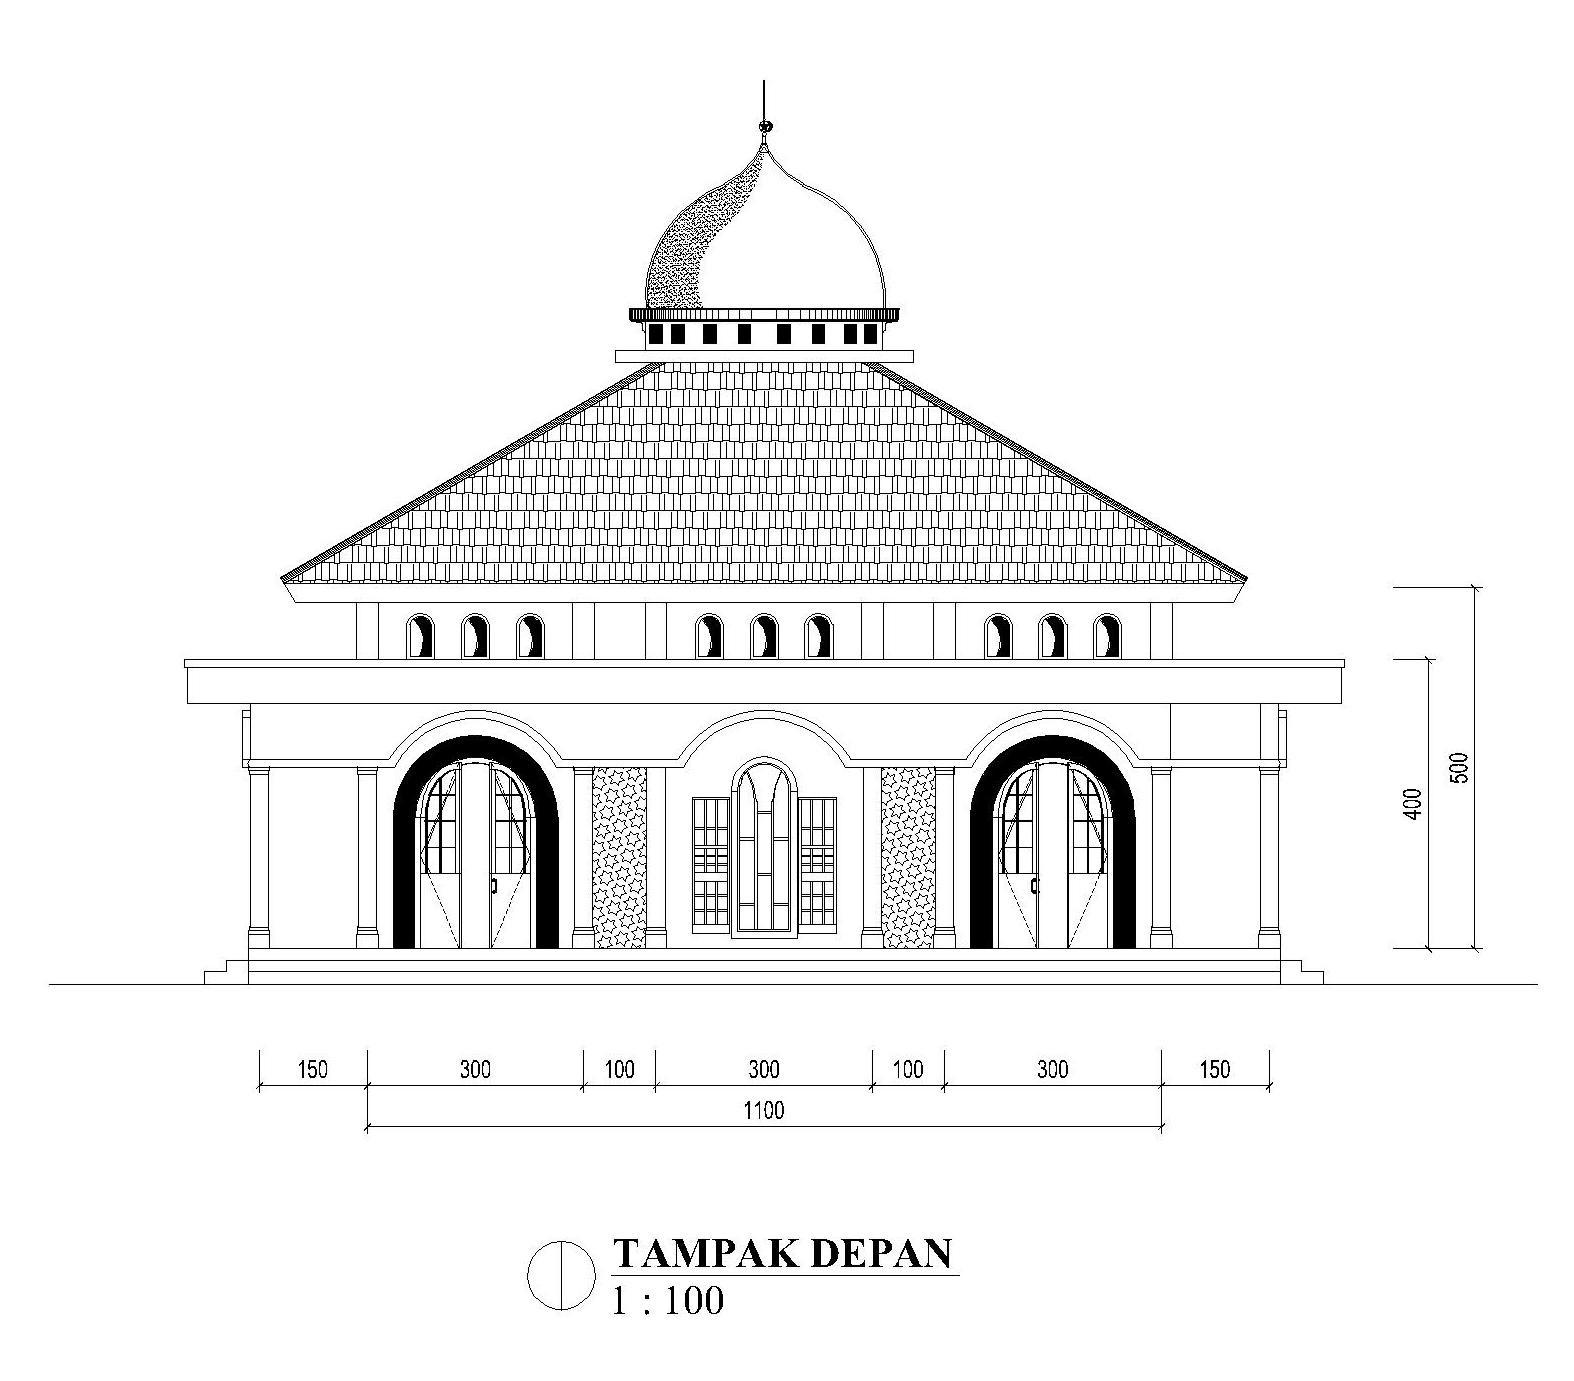 Referensi Gambar Masjid Ukuran 11m X 11m Teras Depan 3m Dengan 2